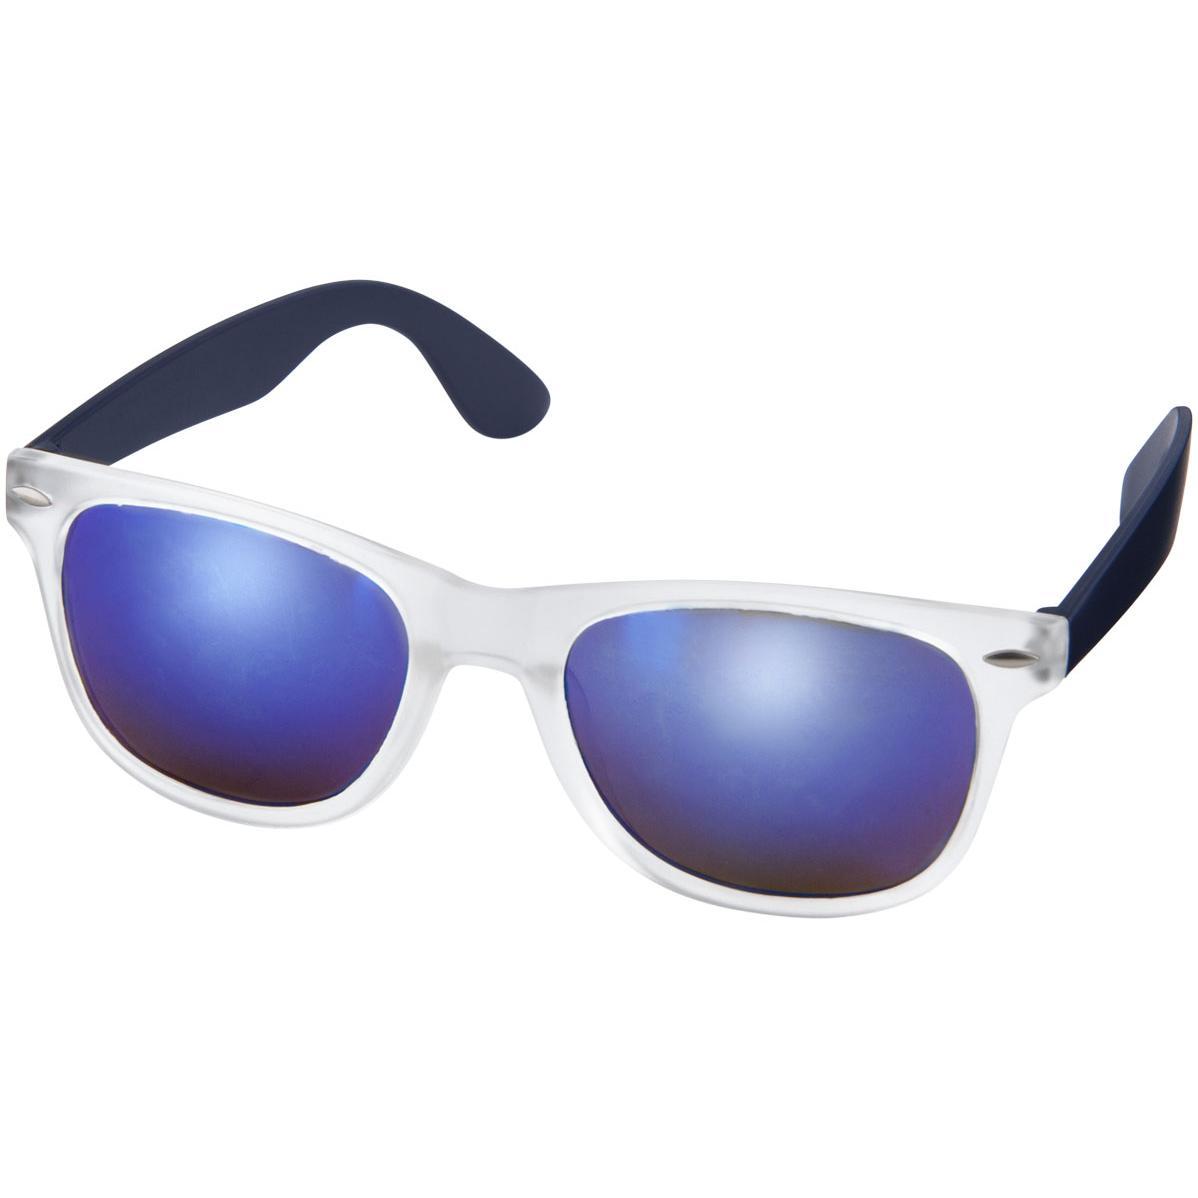 e2f452c3fccc94 Sun Ray zonnebril met spiegelglazen - Relatiegeschenken XL